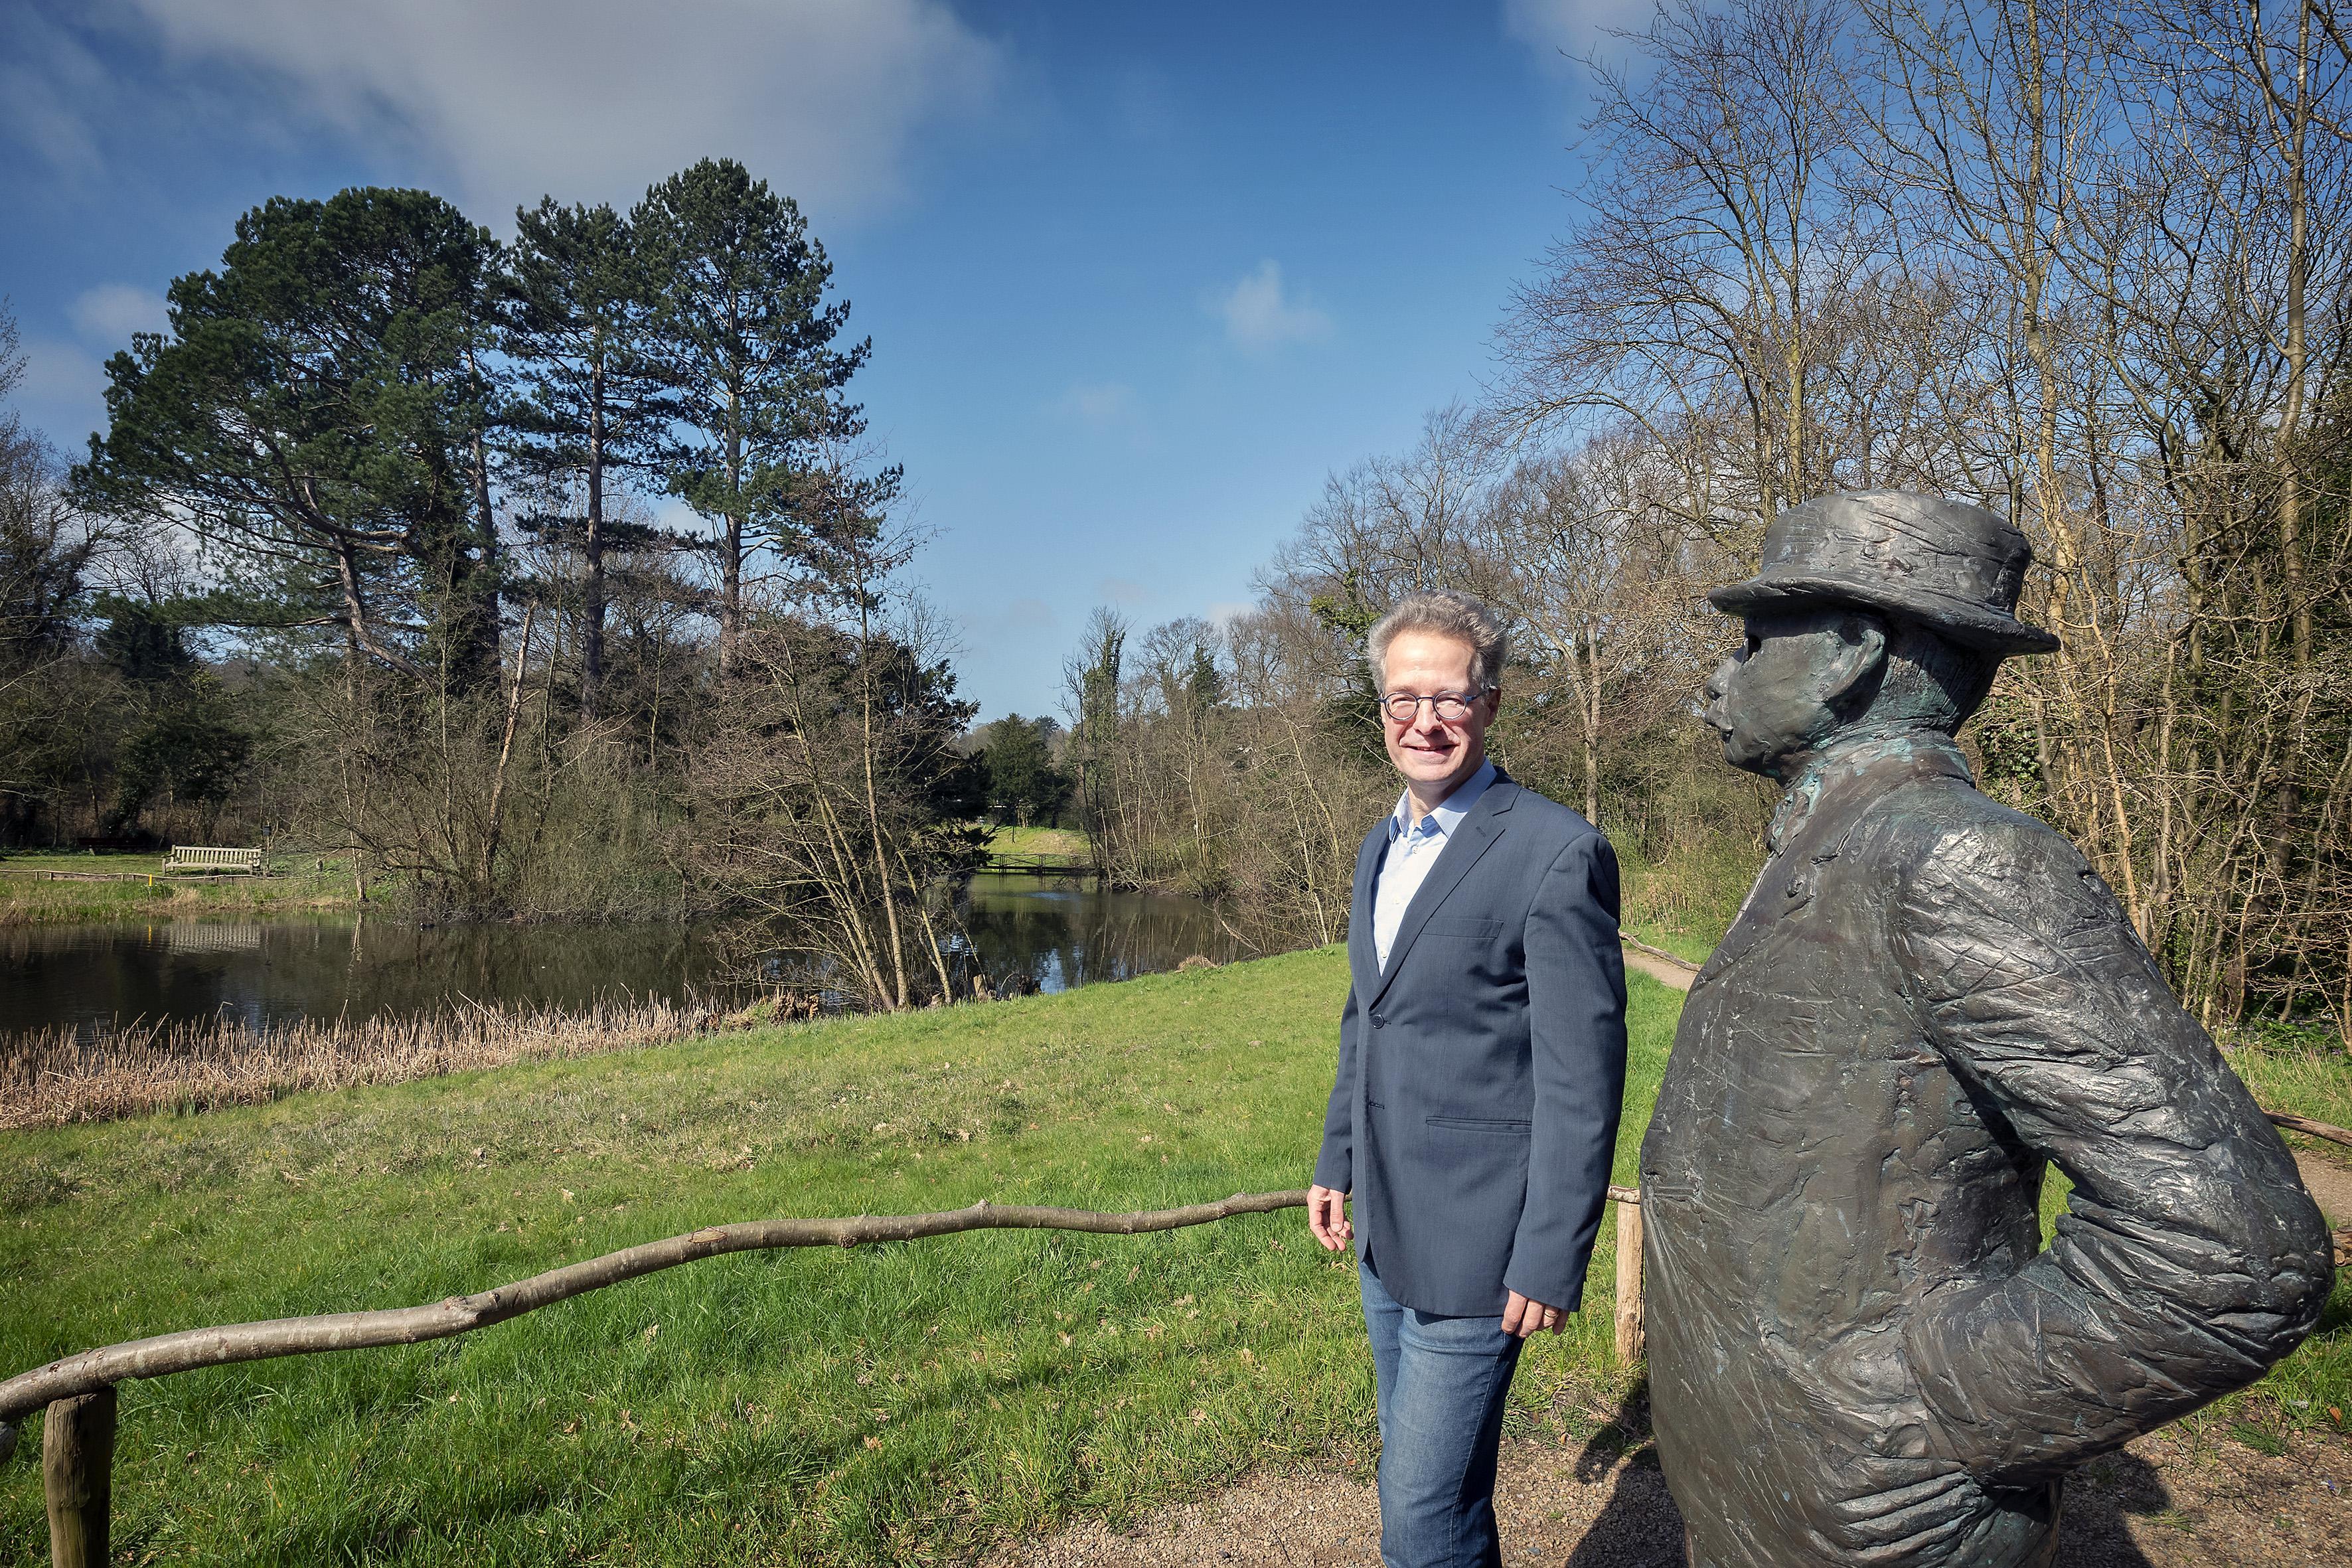 Een verlaat verjaarscadeau in Bloemendaal. Thijsse's Hof na 76 jaar voor twee euro officieel overgedragen